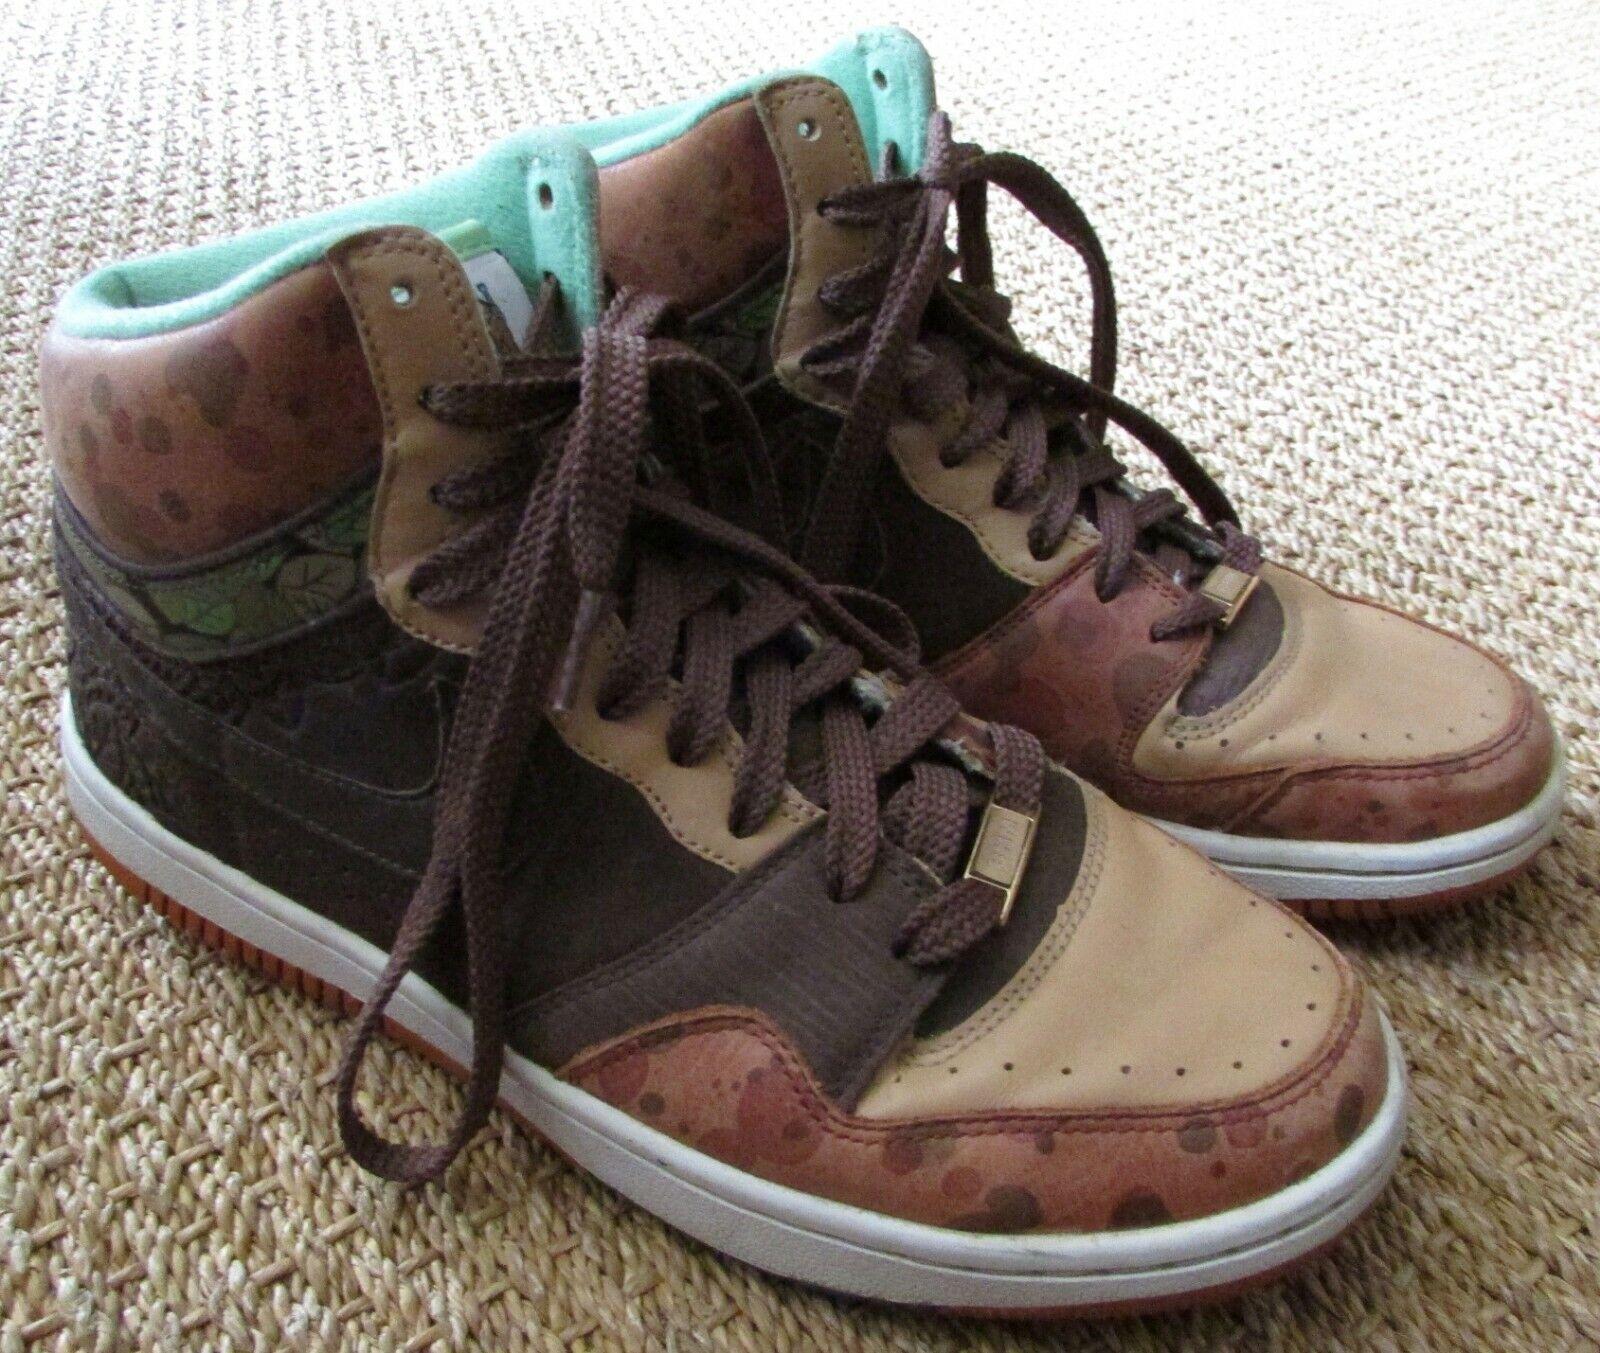 2007 Nike Bhm Hof Force Hoch Premium Ryo The Skywalker Sz 9.5  318498-921